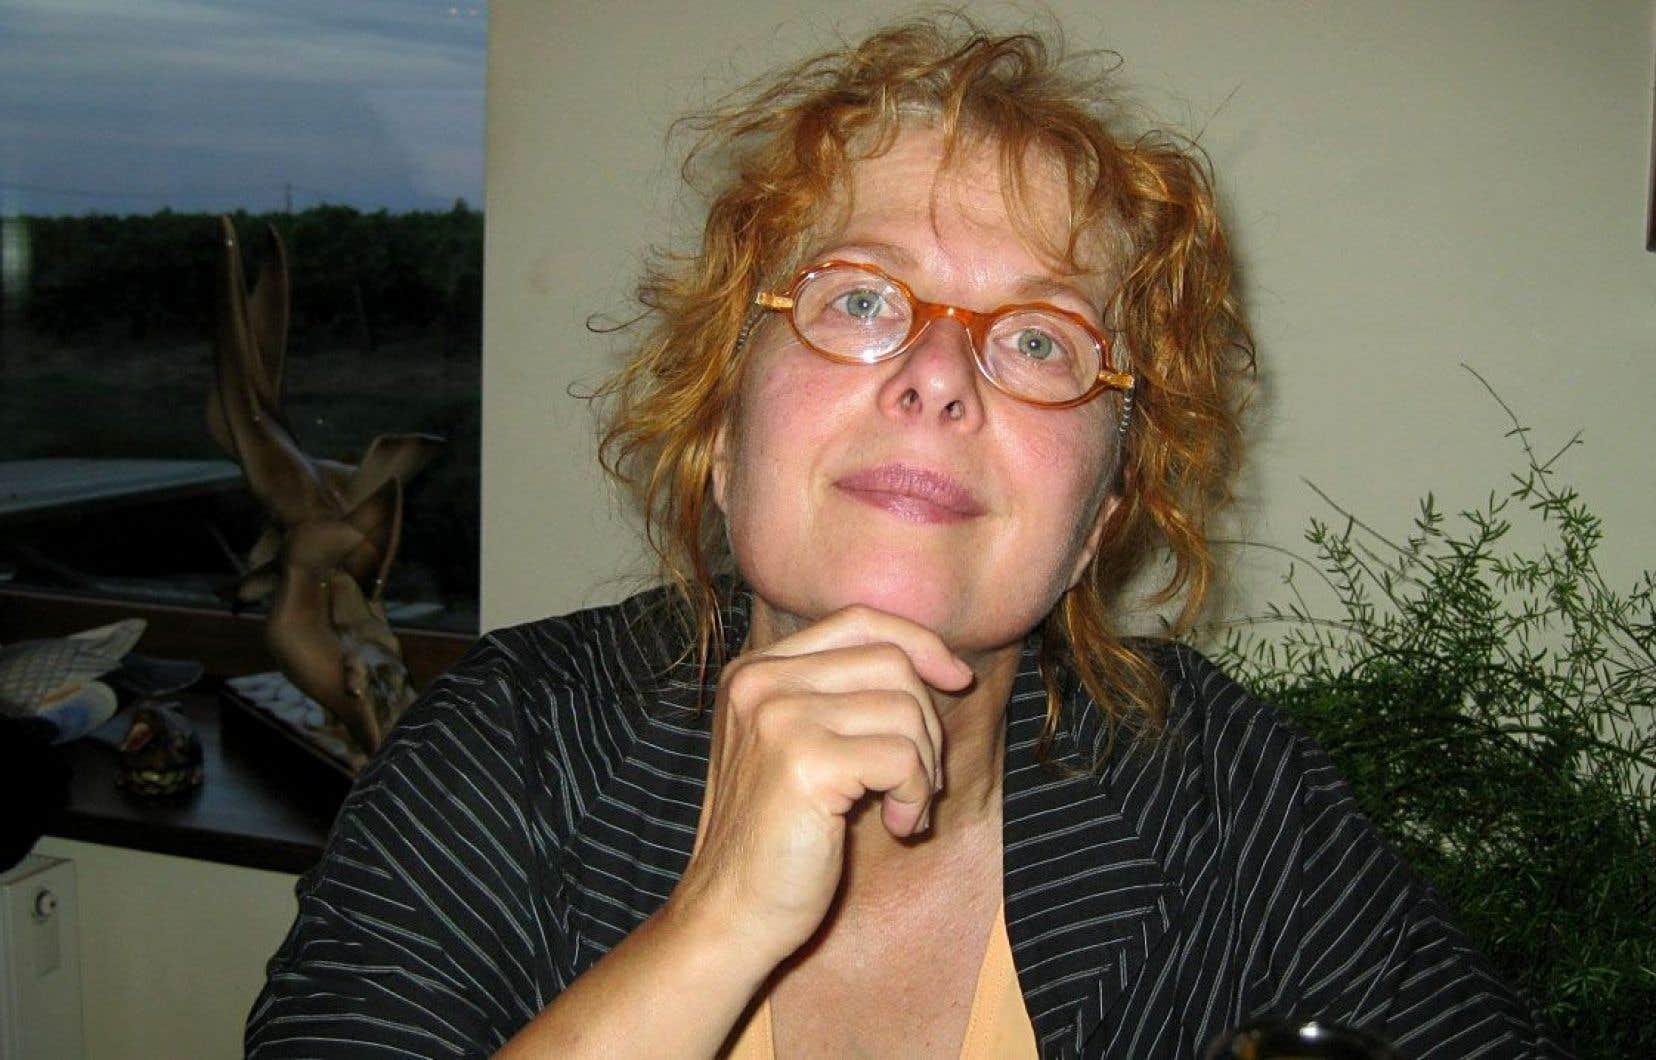 Odette Raymond, personne-ressource à l'Institut des troubles d'apprentissage (ITA) et membre d'Adaptech, un réseau de recherche sur les étudiants collégiaux et universitaires ayant des handicaps